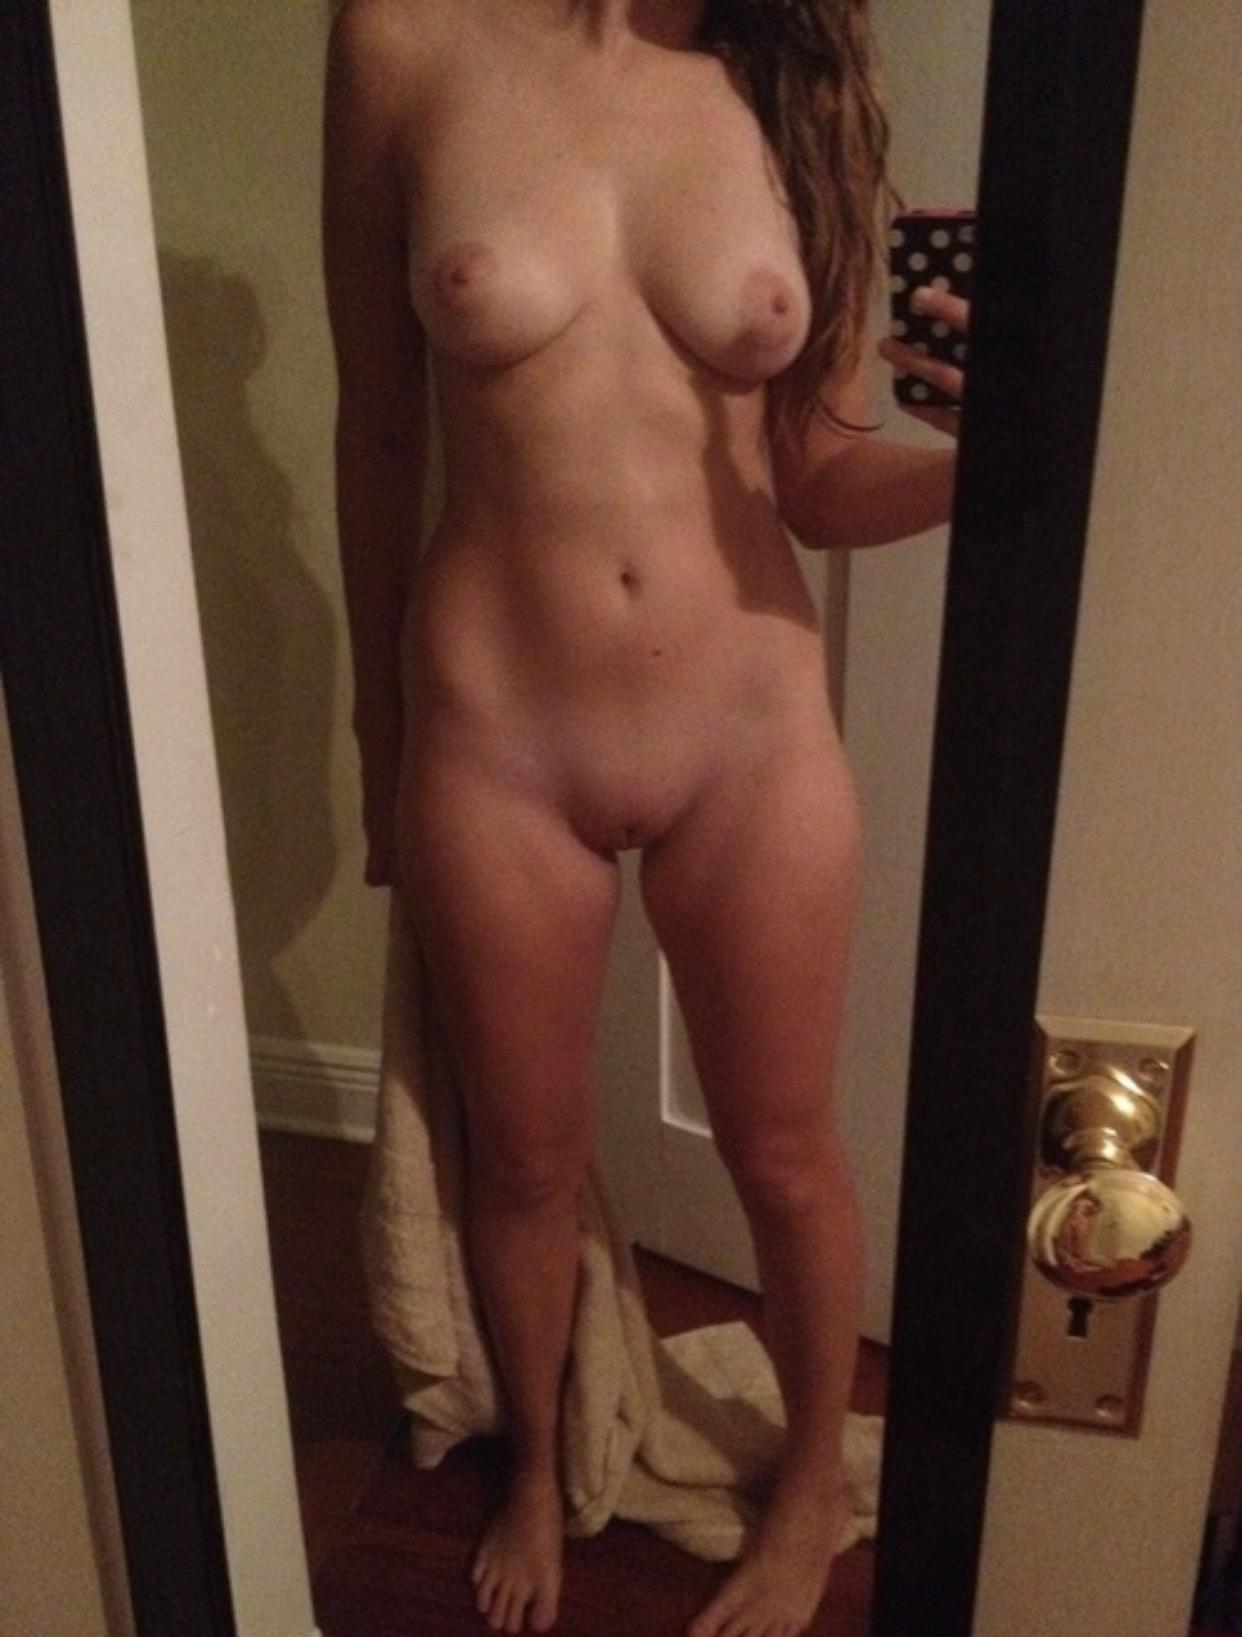 Распутницы обожают делать селфи голыми